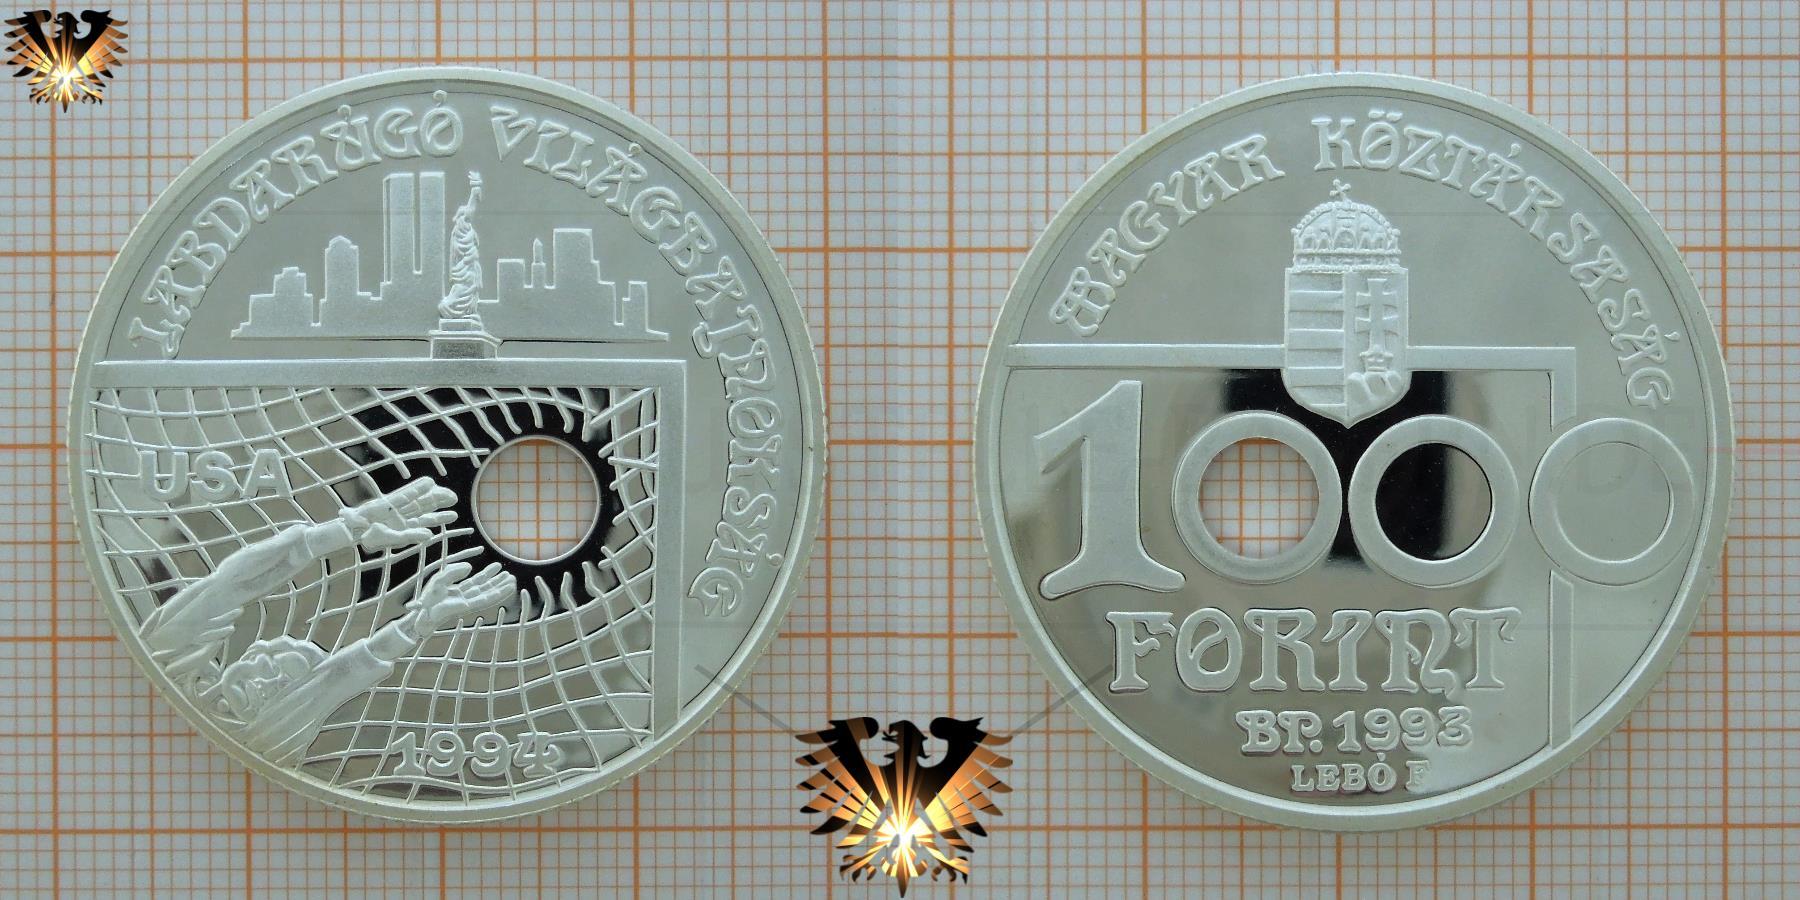 Lochmünze, 1000 Forint, 1993, Ungarn,  Fußball-WM  USA 1994, Silber © goldankaufstelle-bayern.de